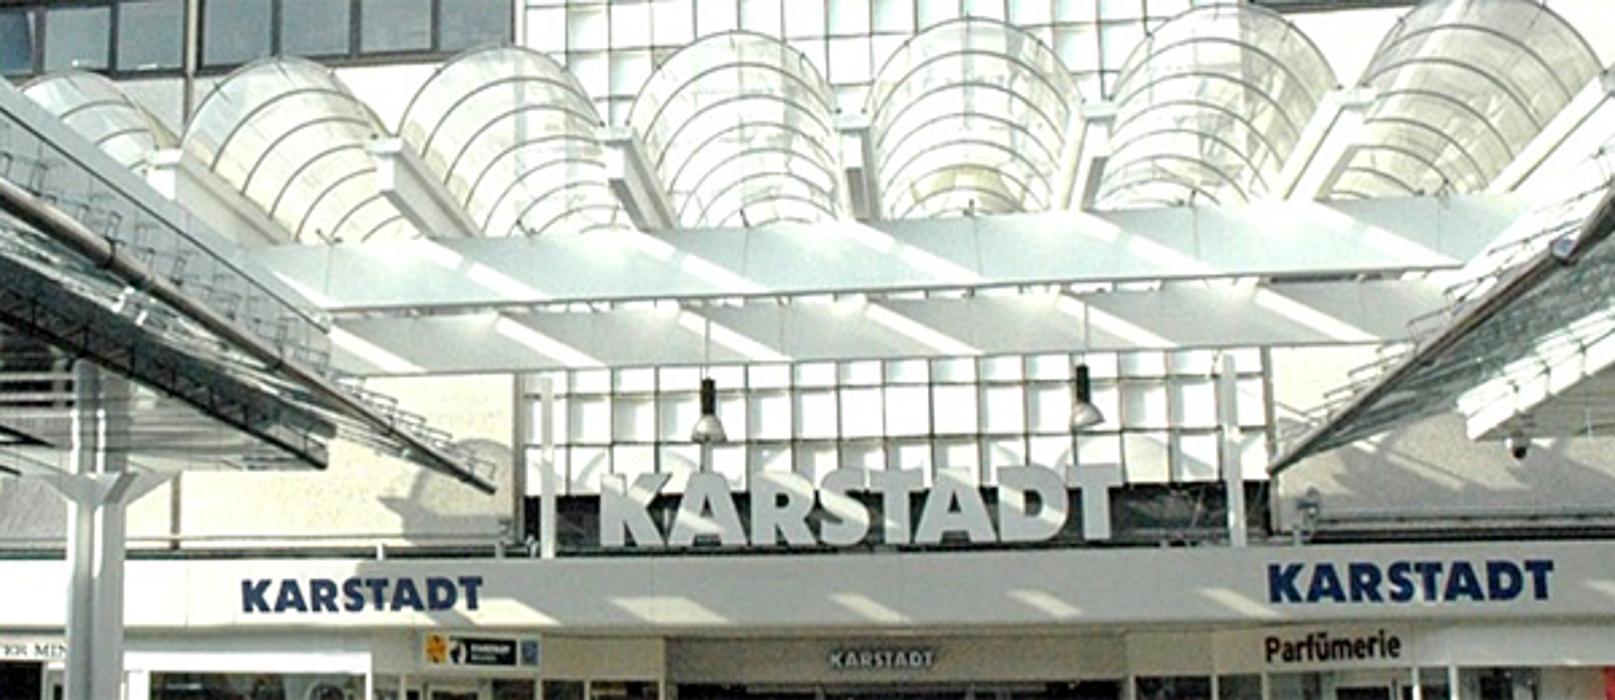 Karstadt Bochum Ruhr Park, Am Einkaufszentrum in Bochum